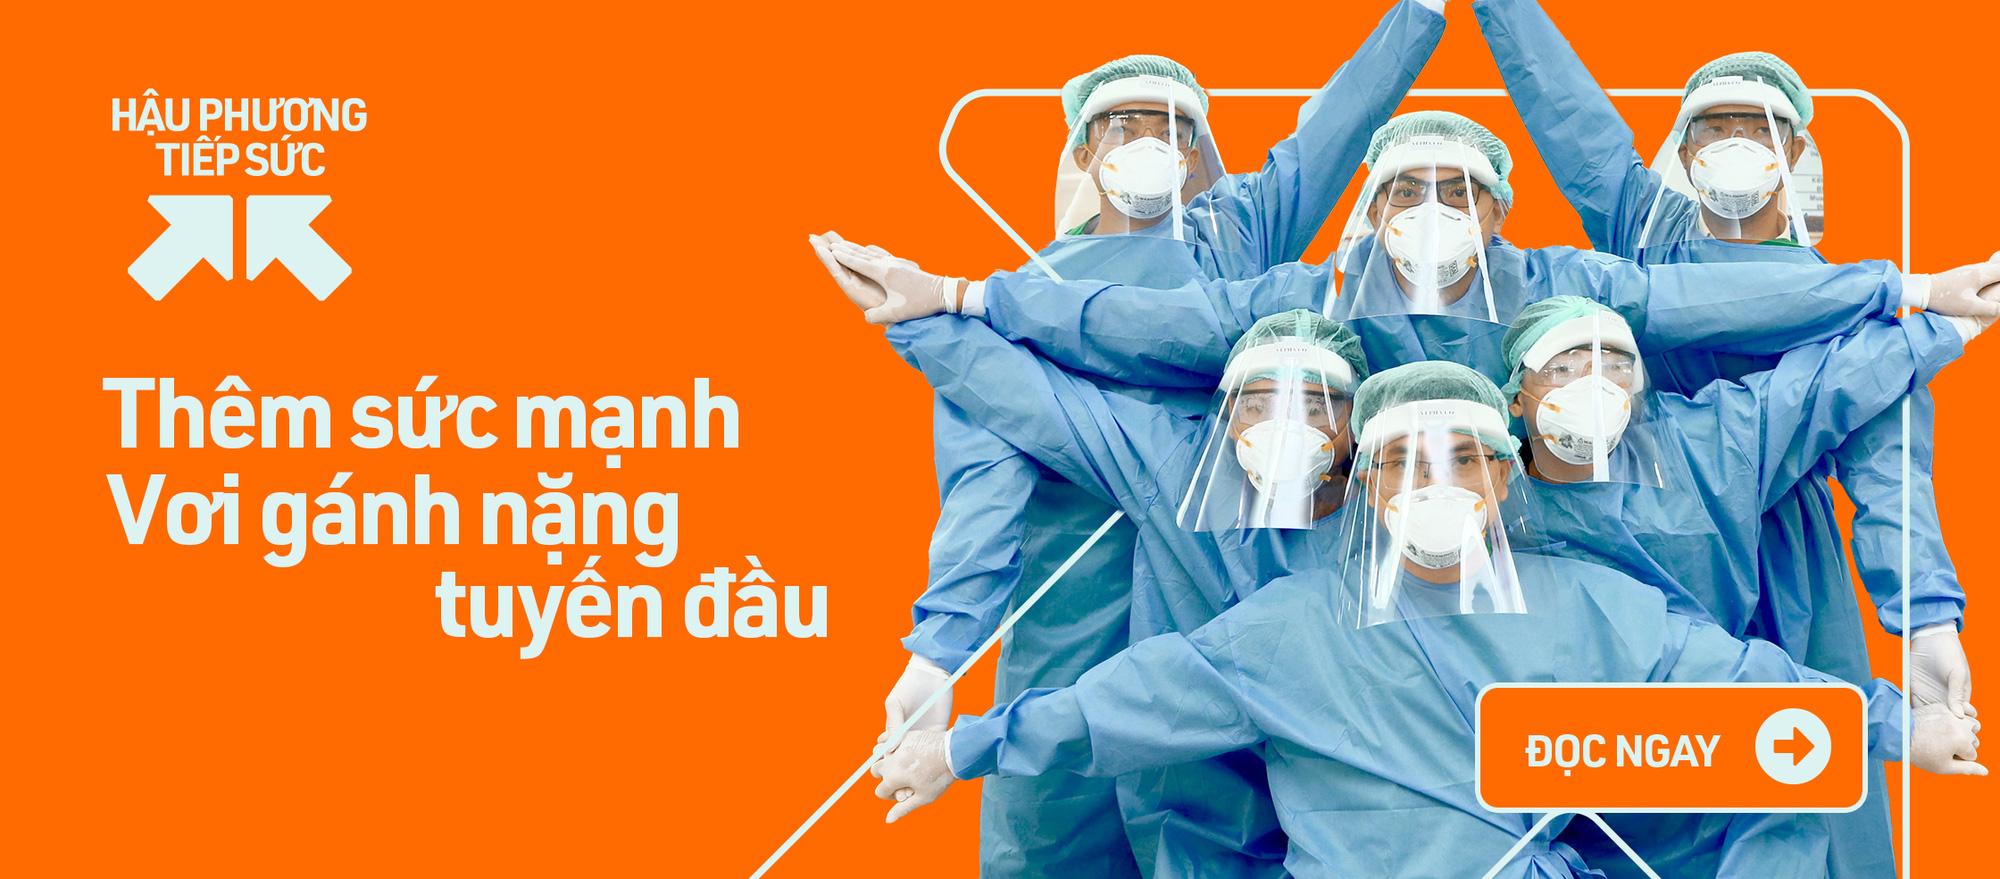 Big C Việt Nam và Grab bắt tay hỗ trợ bán vải thiều Bắc Giang online, giá rẻ lại còn freeship - Ảnh 2.